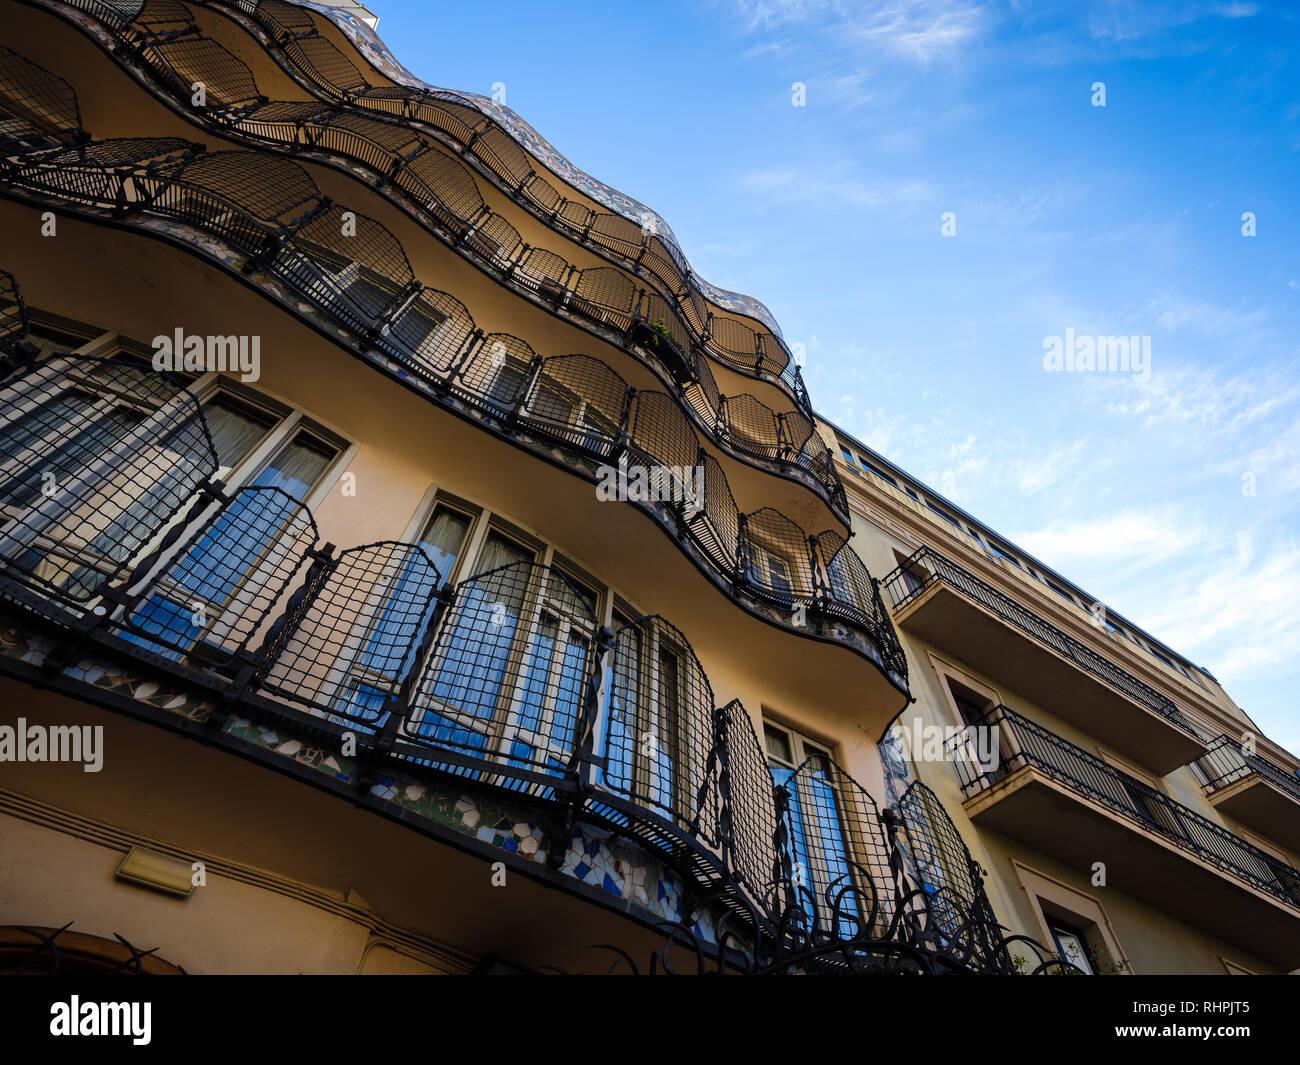 Barcelona Spain Circa May 2018 View Of Casa Batlló